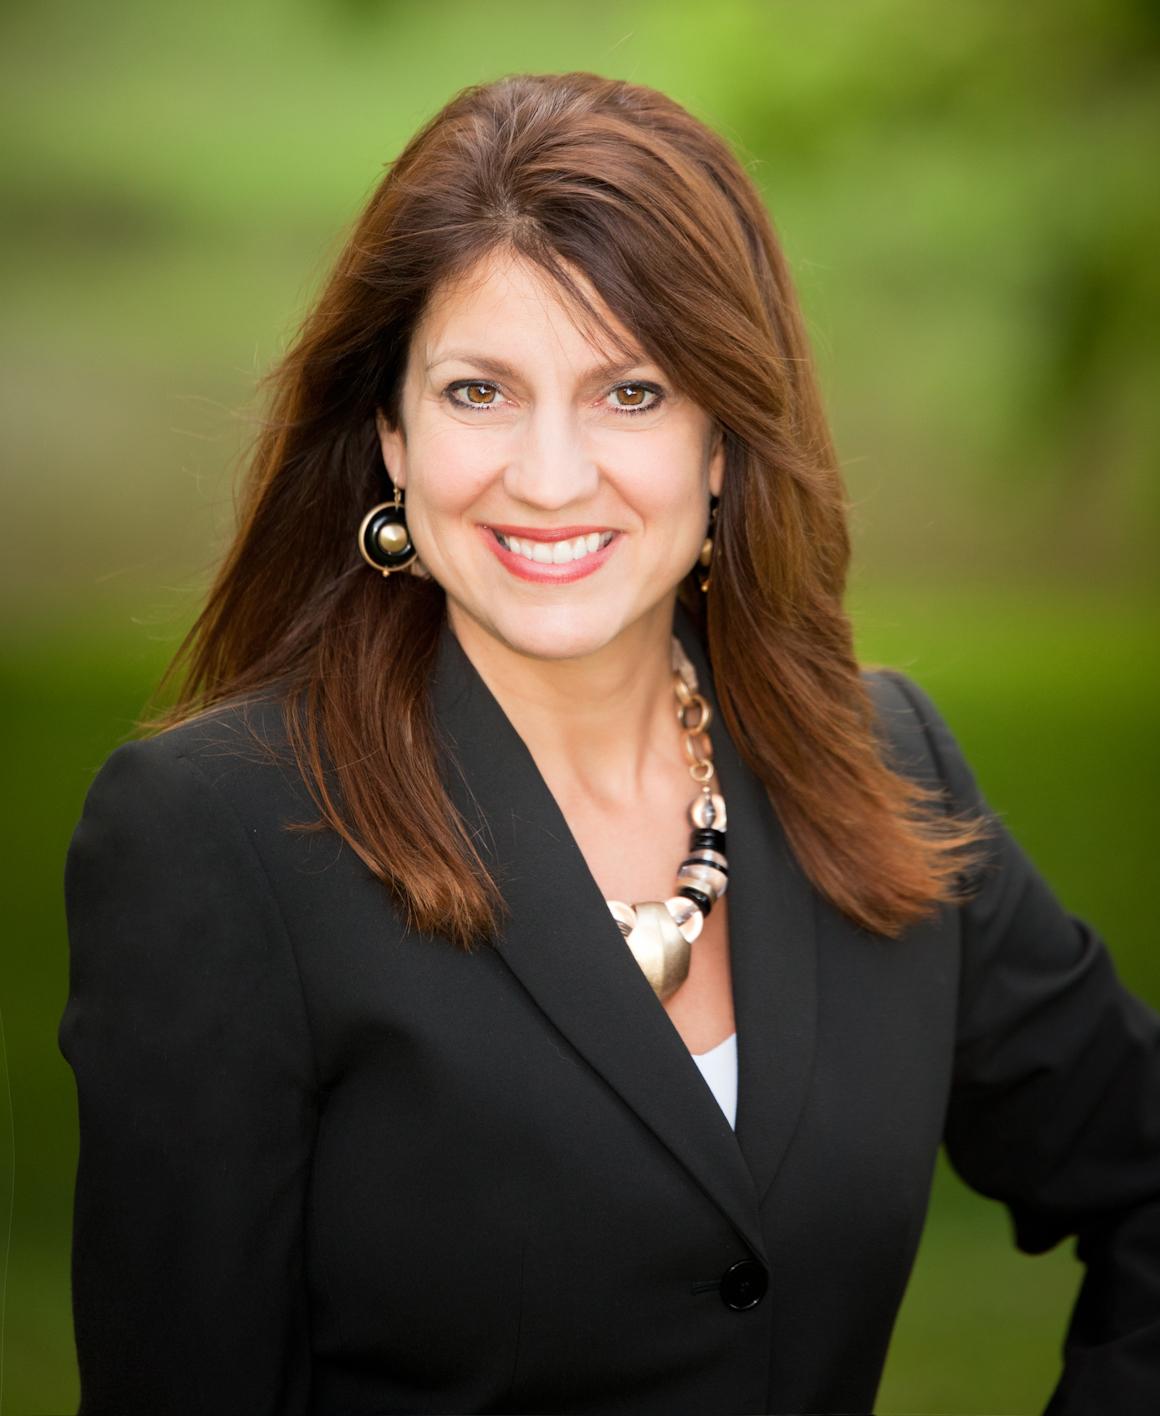 Sharon Lucas